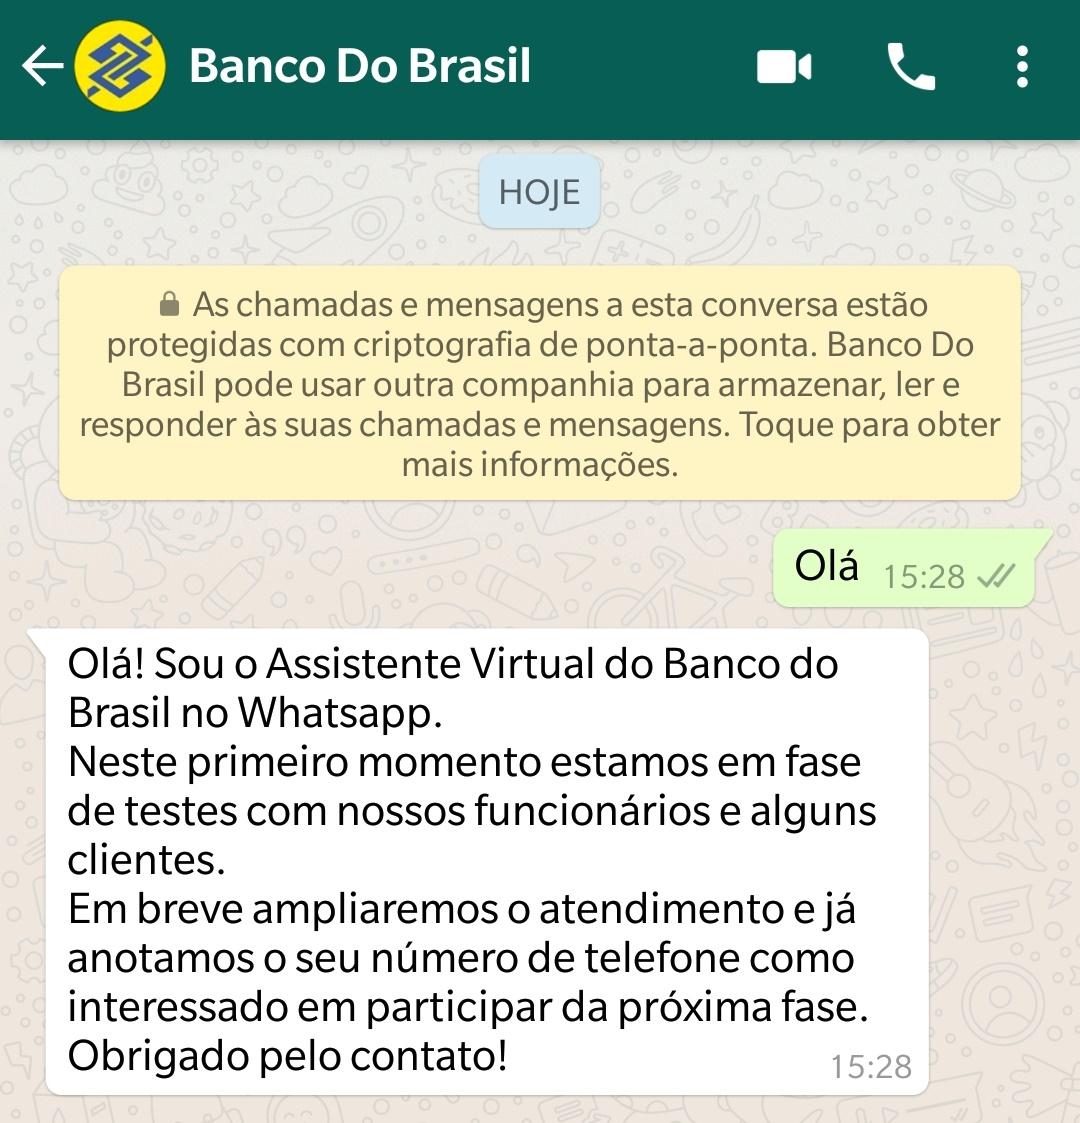 3c7a7fac599 Banco do Brasil começa a atender clientes pelo WhatsApp  entenda ...